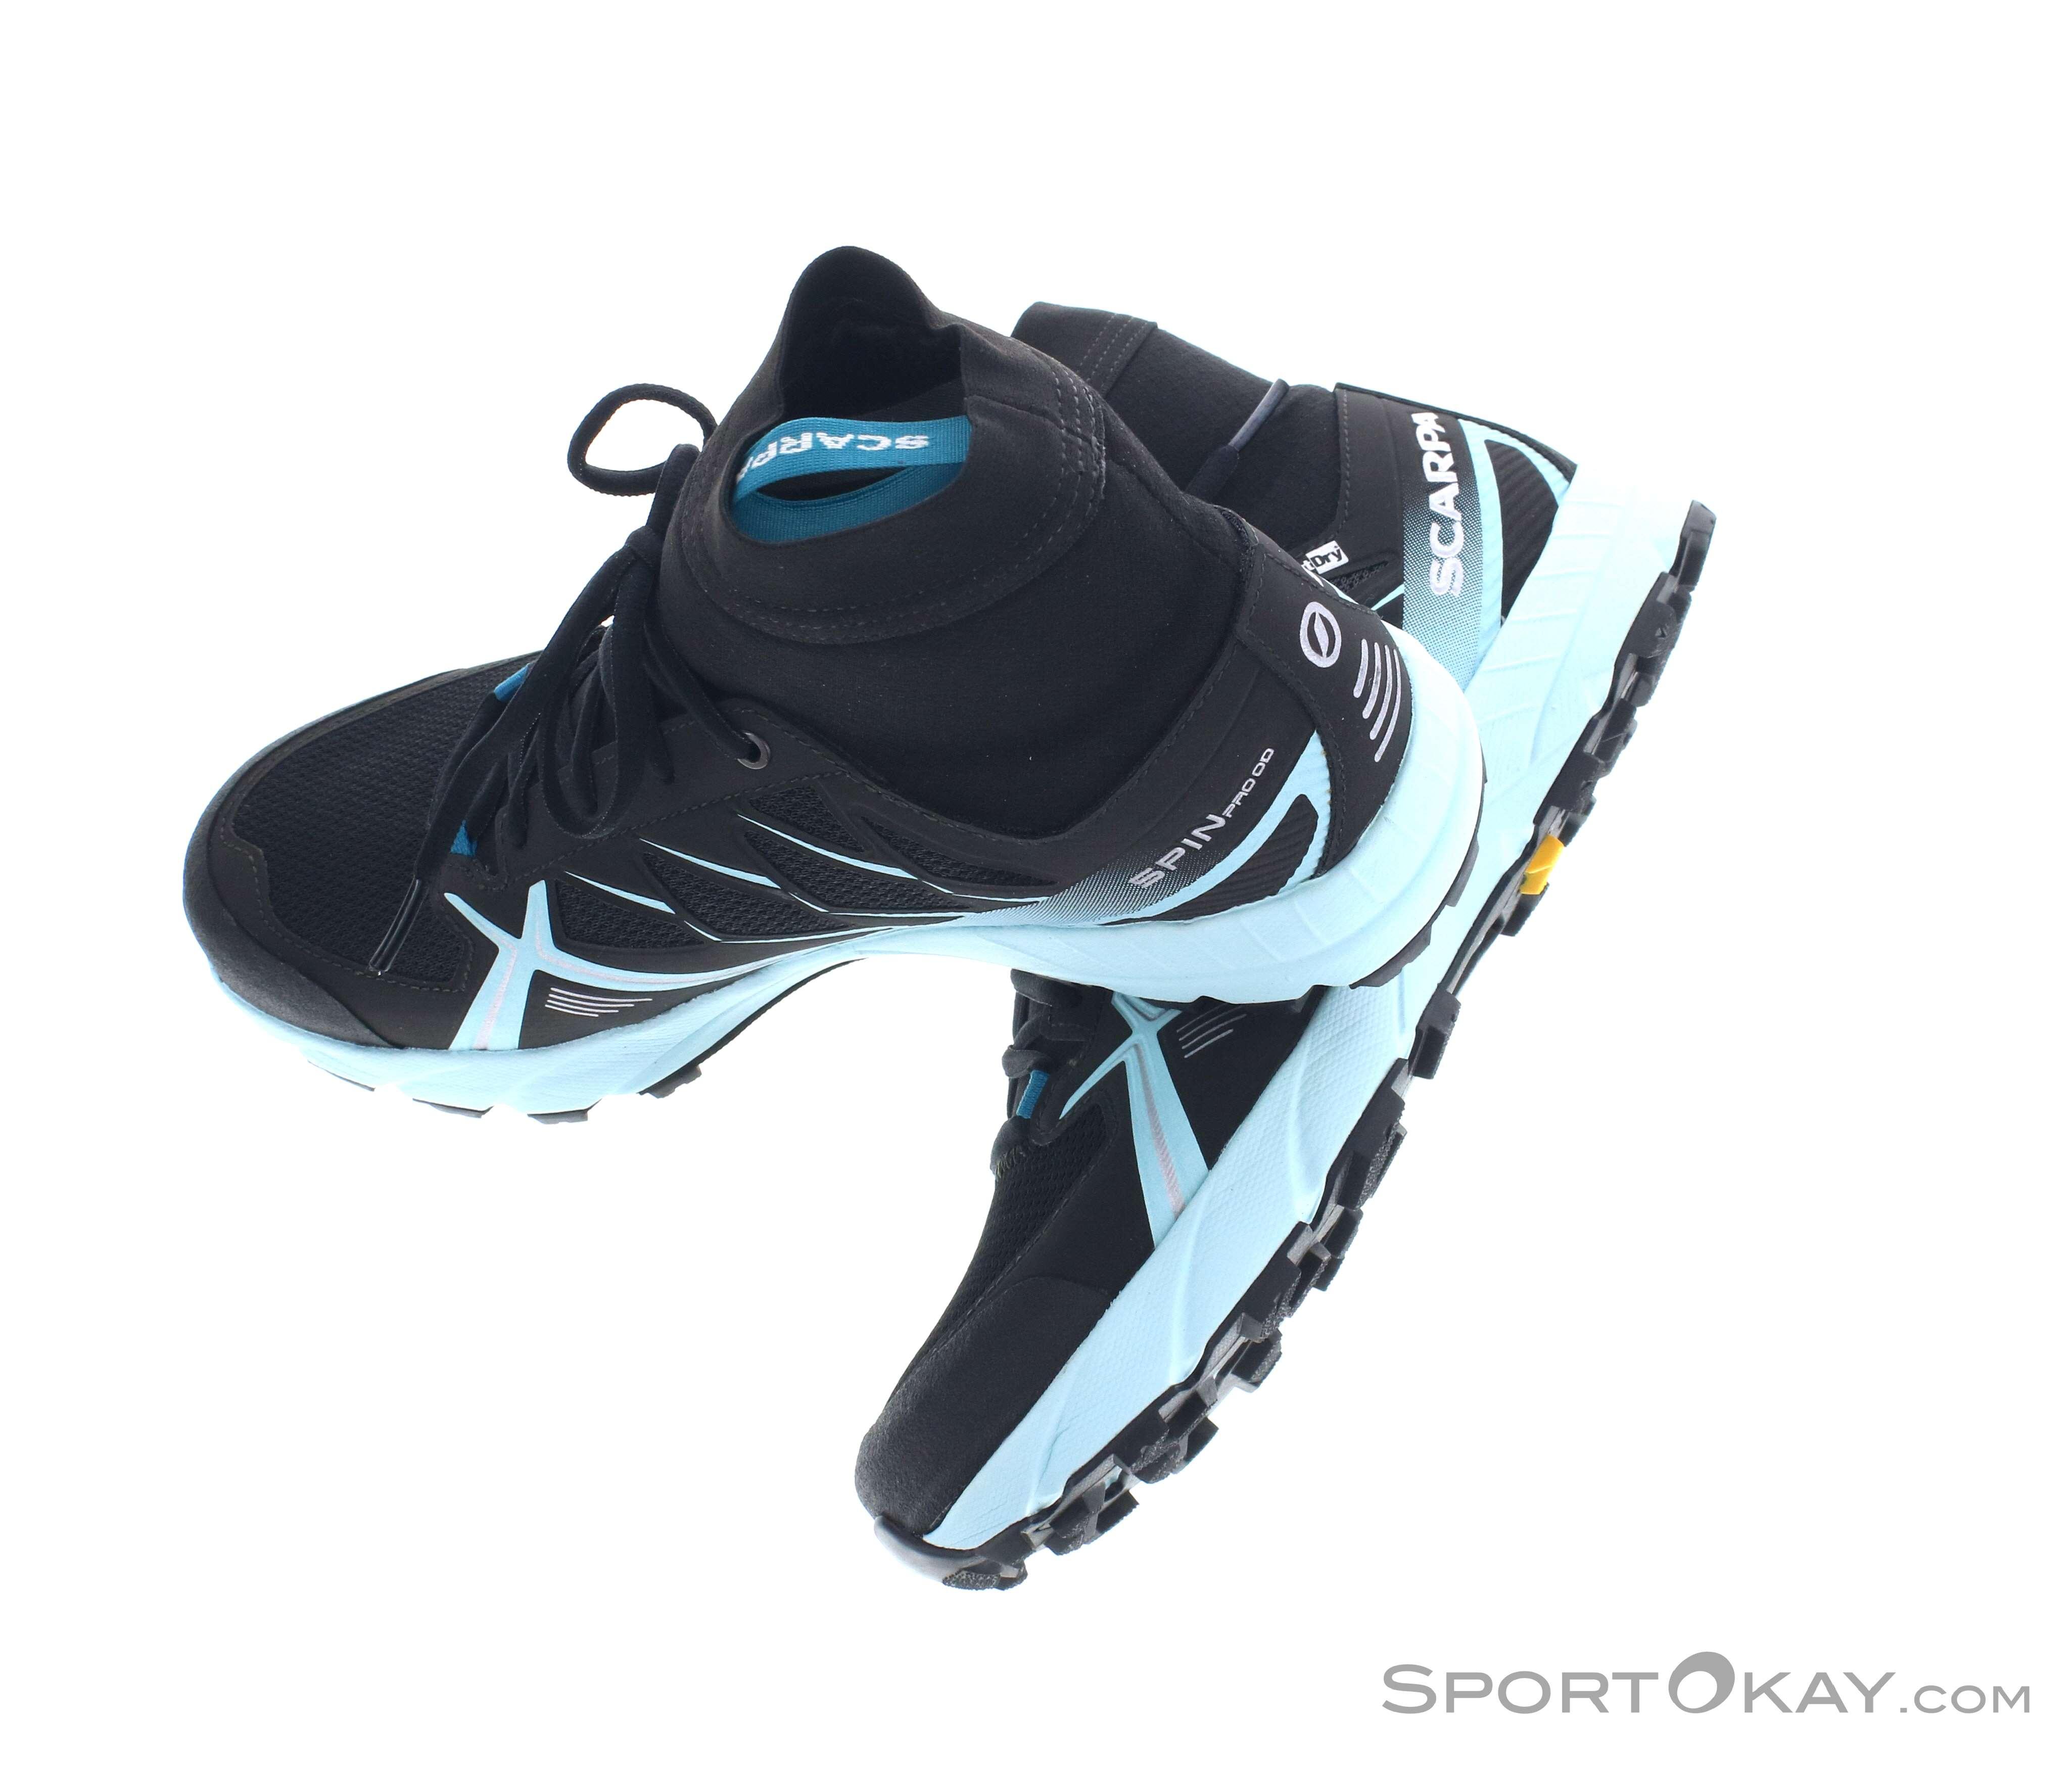 Scarpa Spin Pro OD Wmn Donna Scarpe da Trail Running - Scarpe Gore ... 1a8c5a4332f